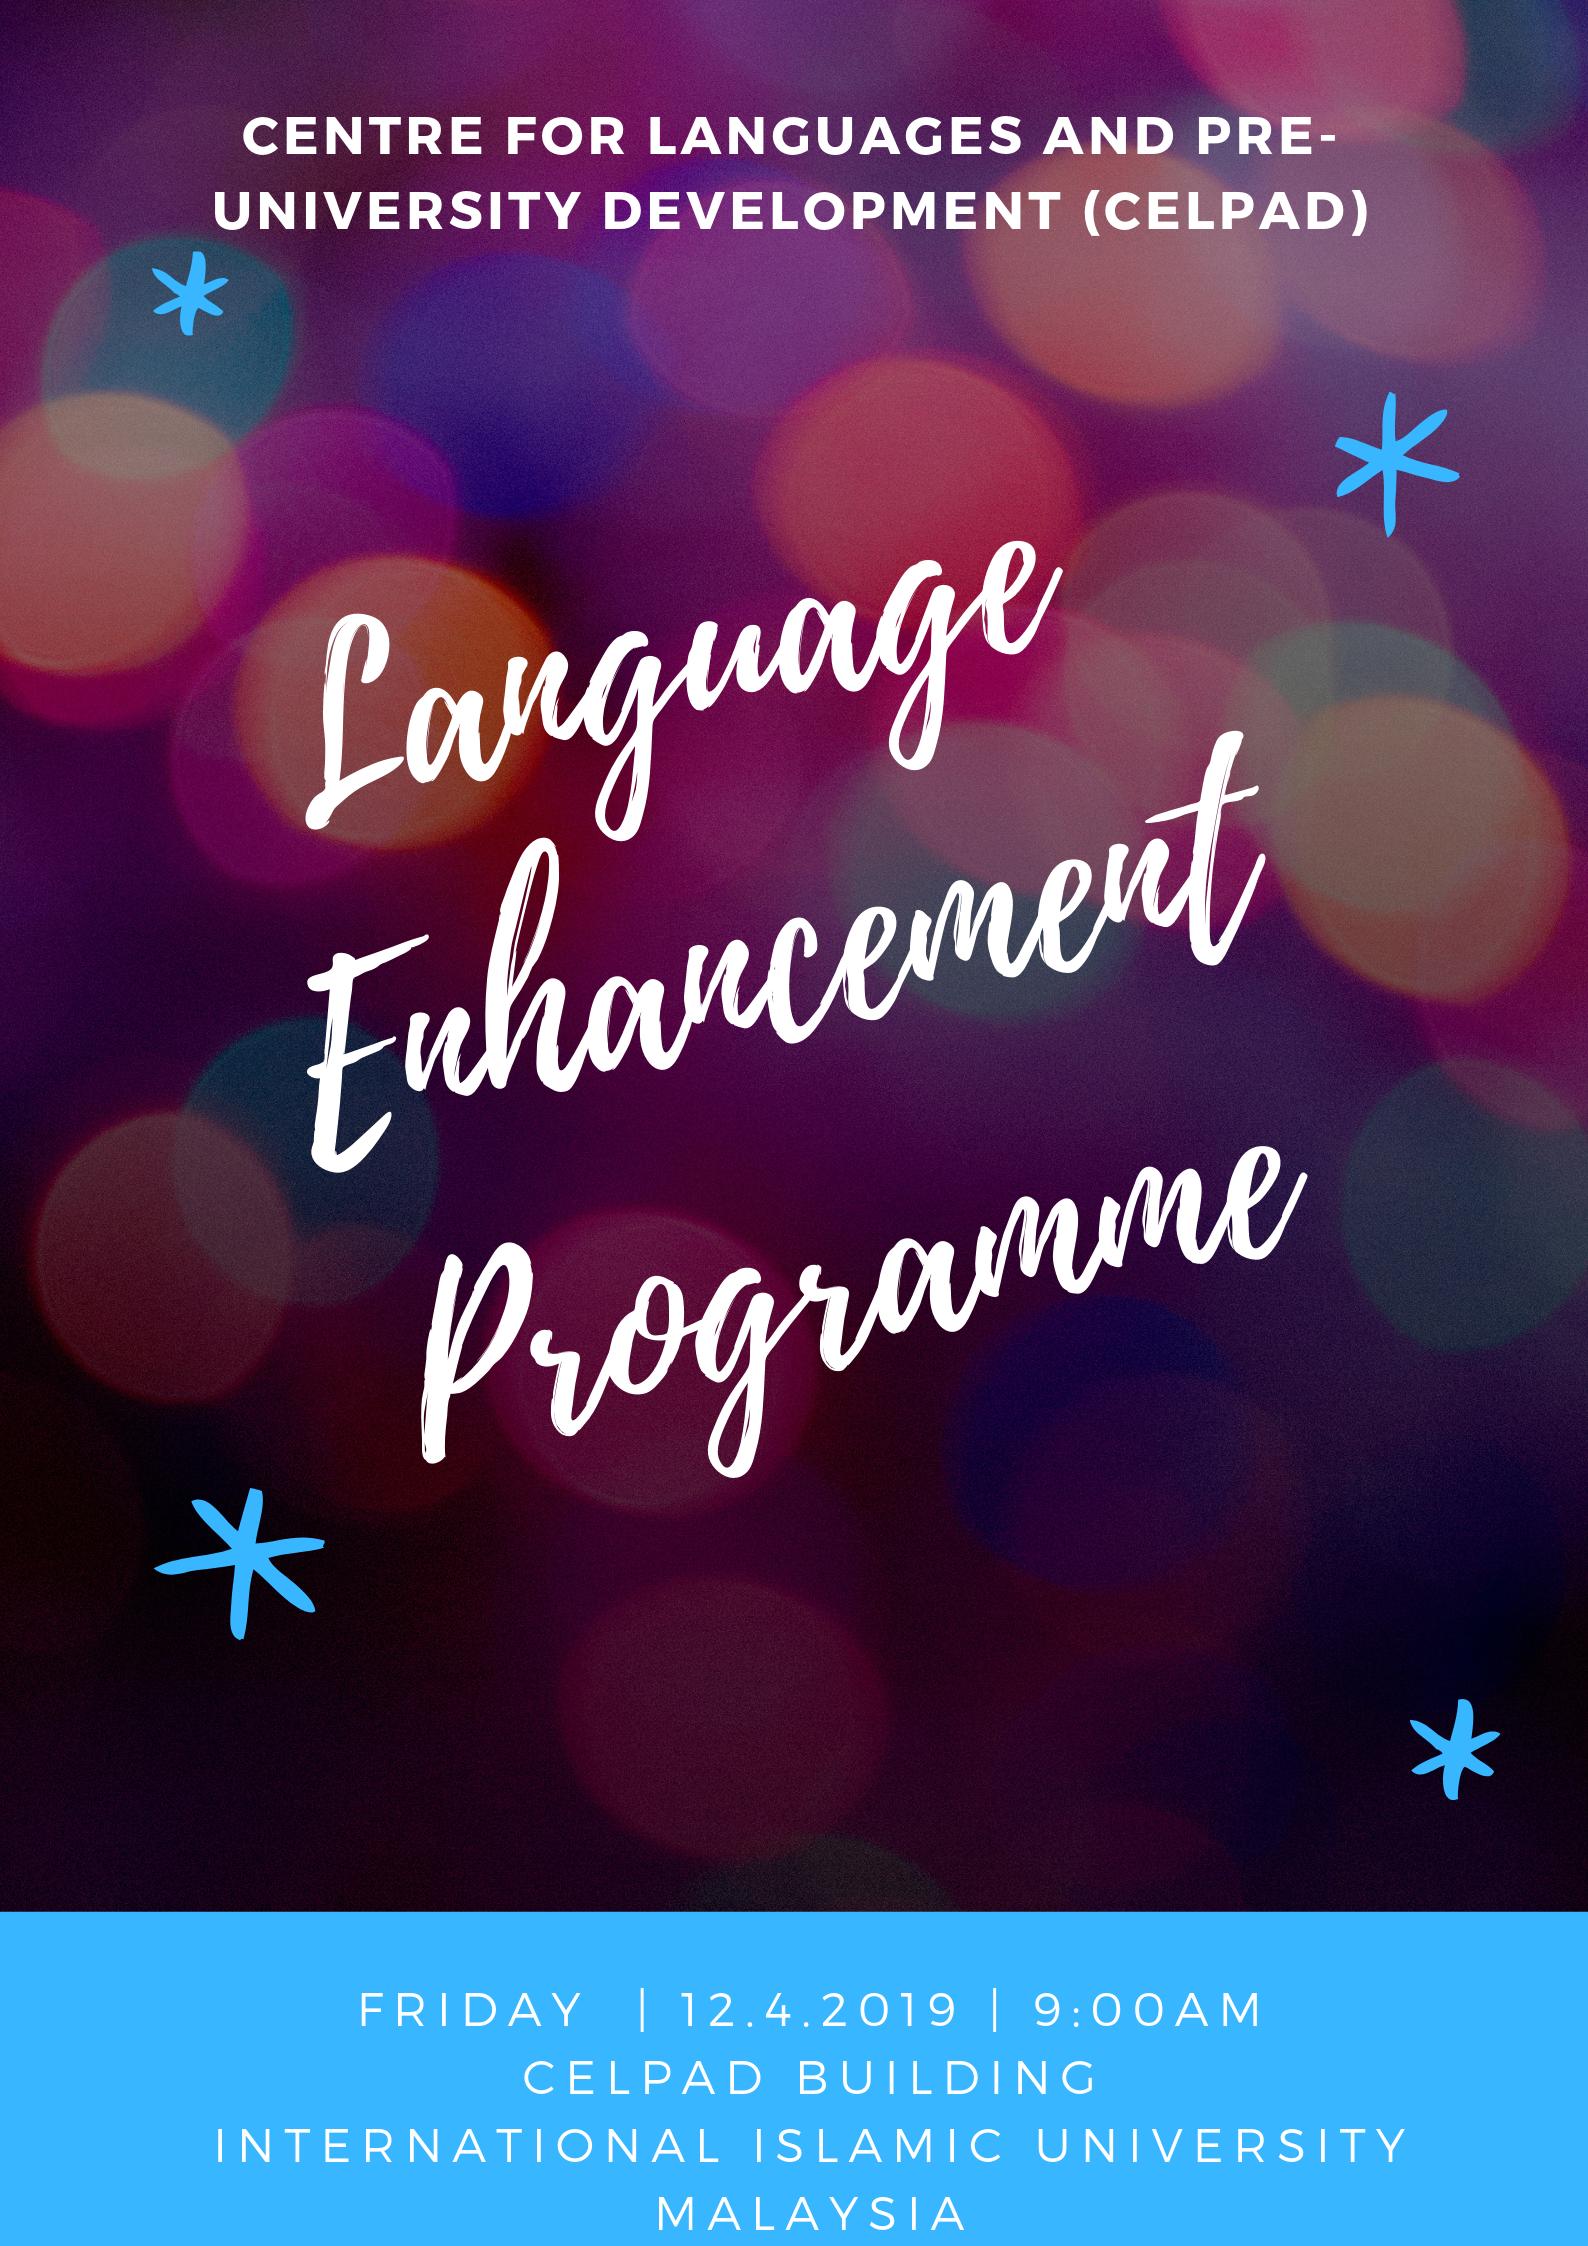 Language Enhancement Programme 2019